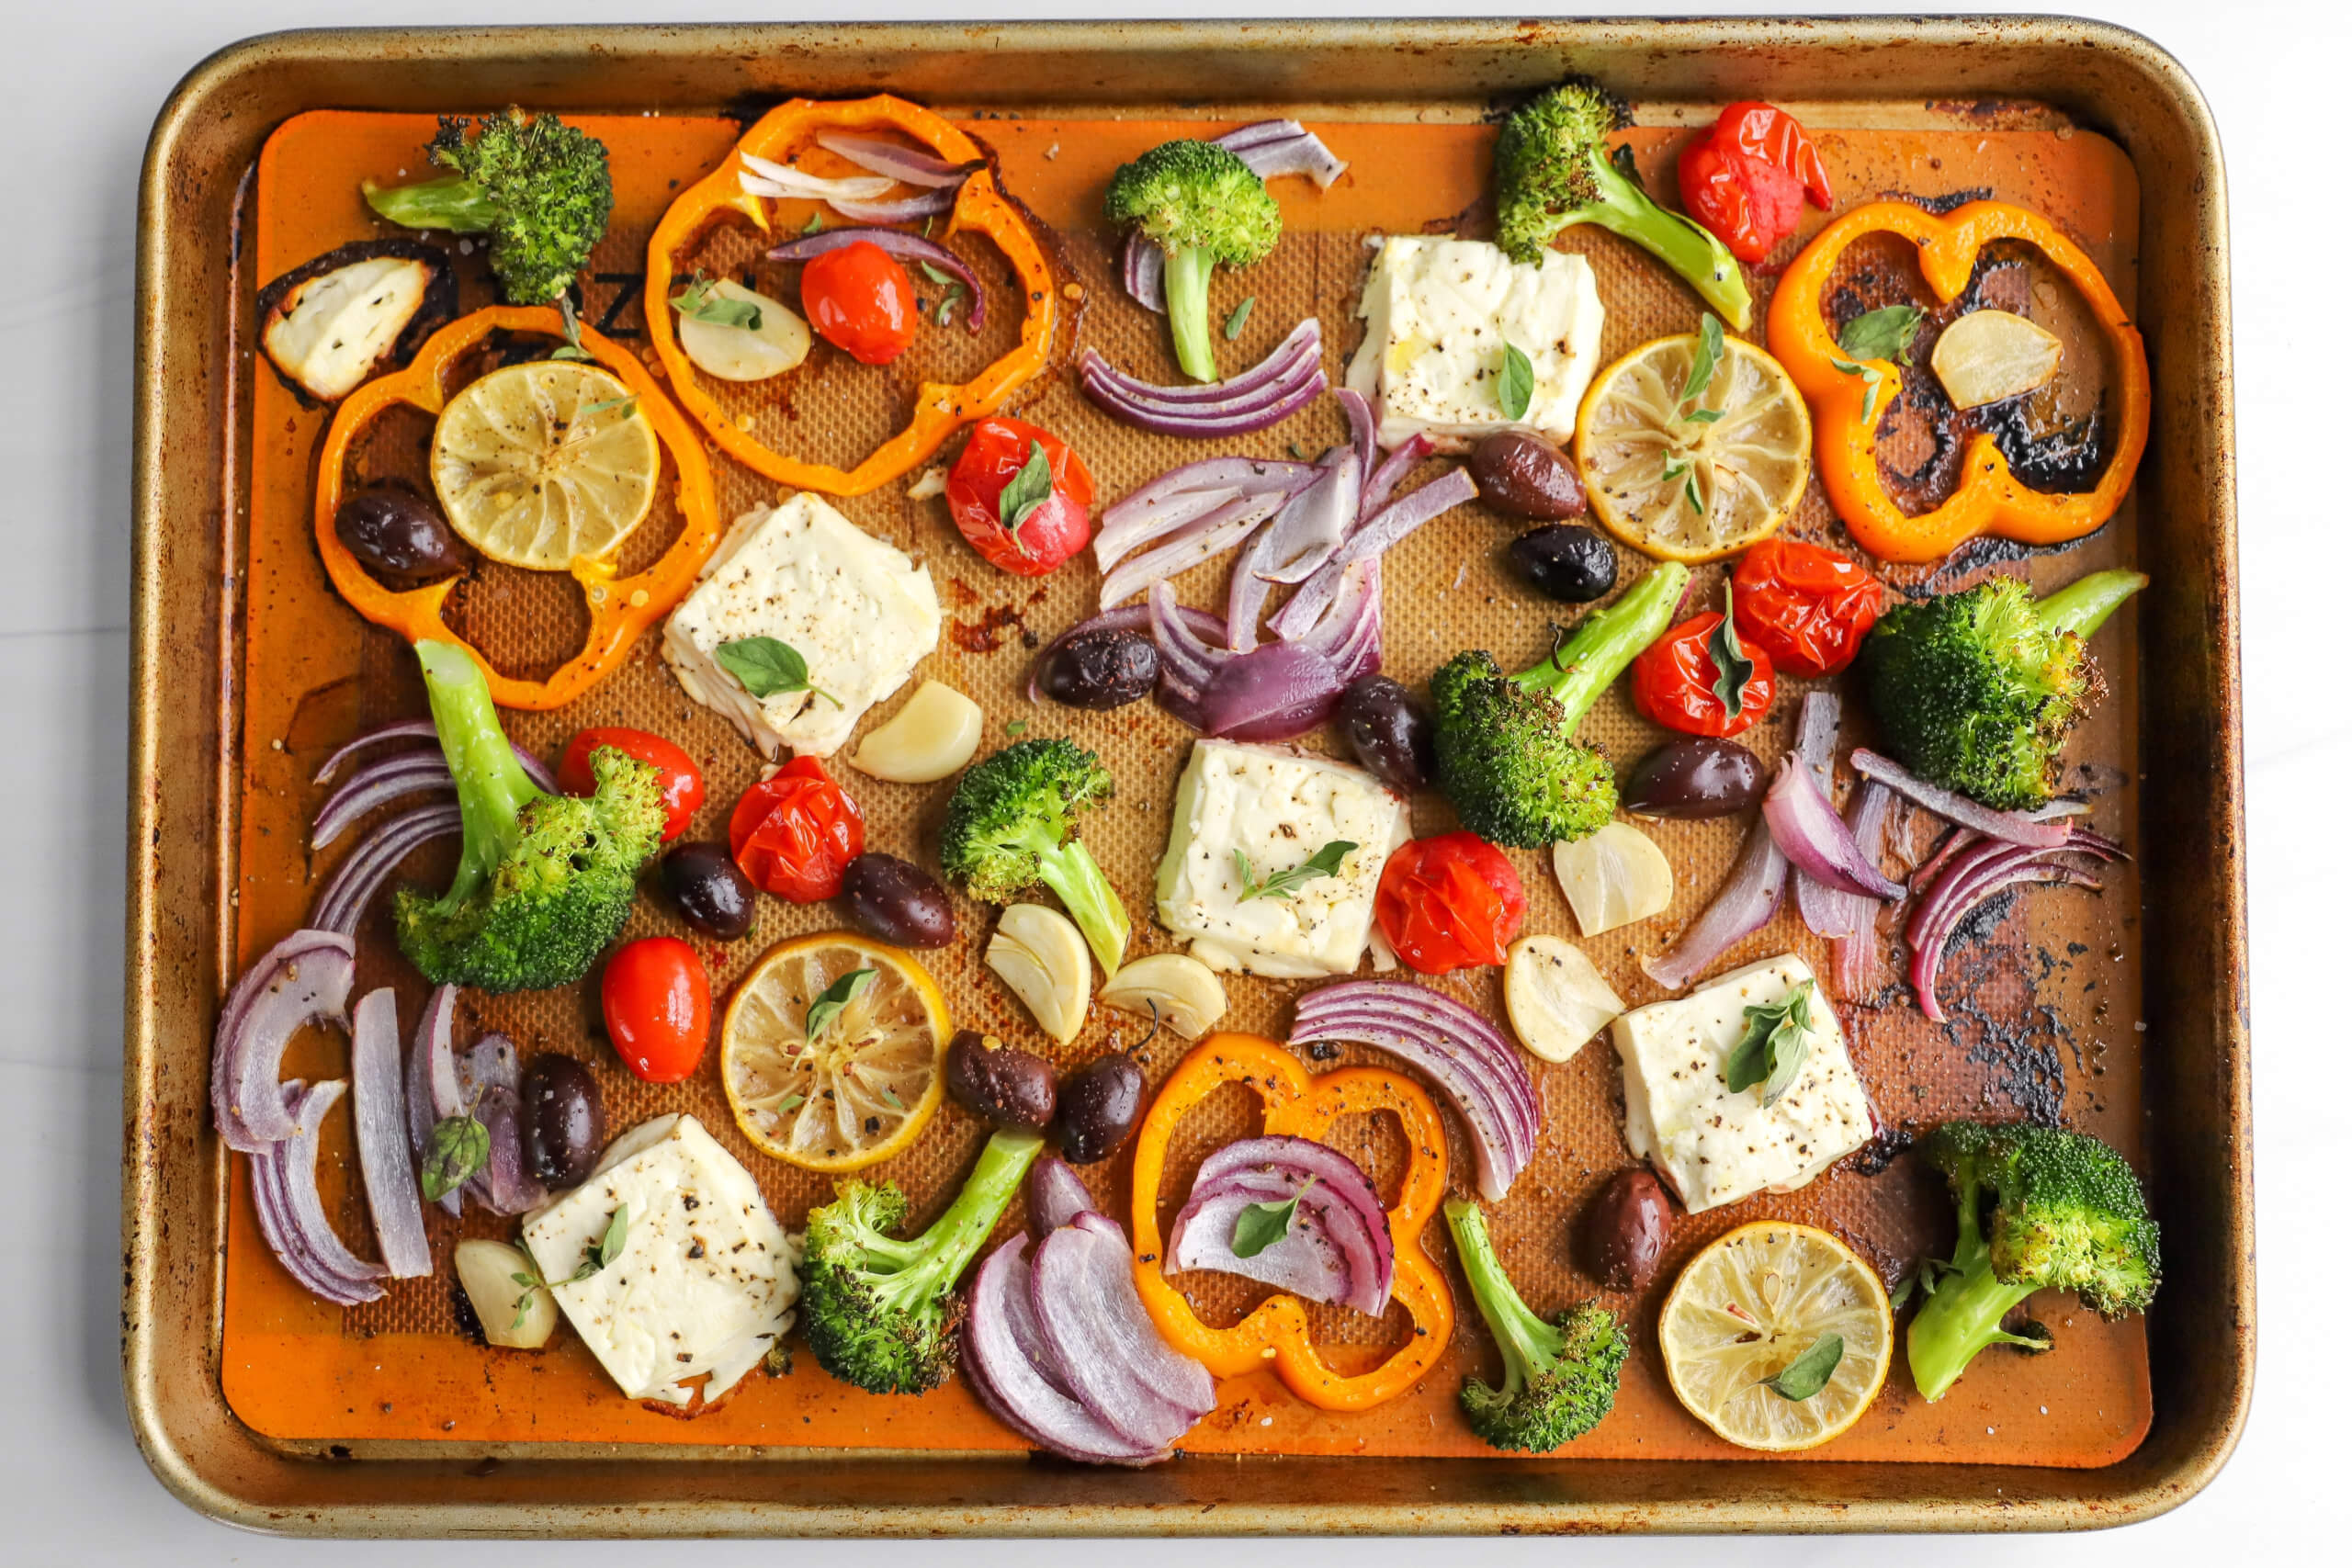 Sheet Pan Baked Feta with Greek Veggies